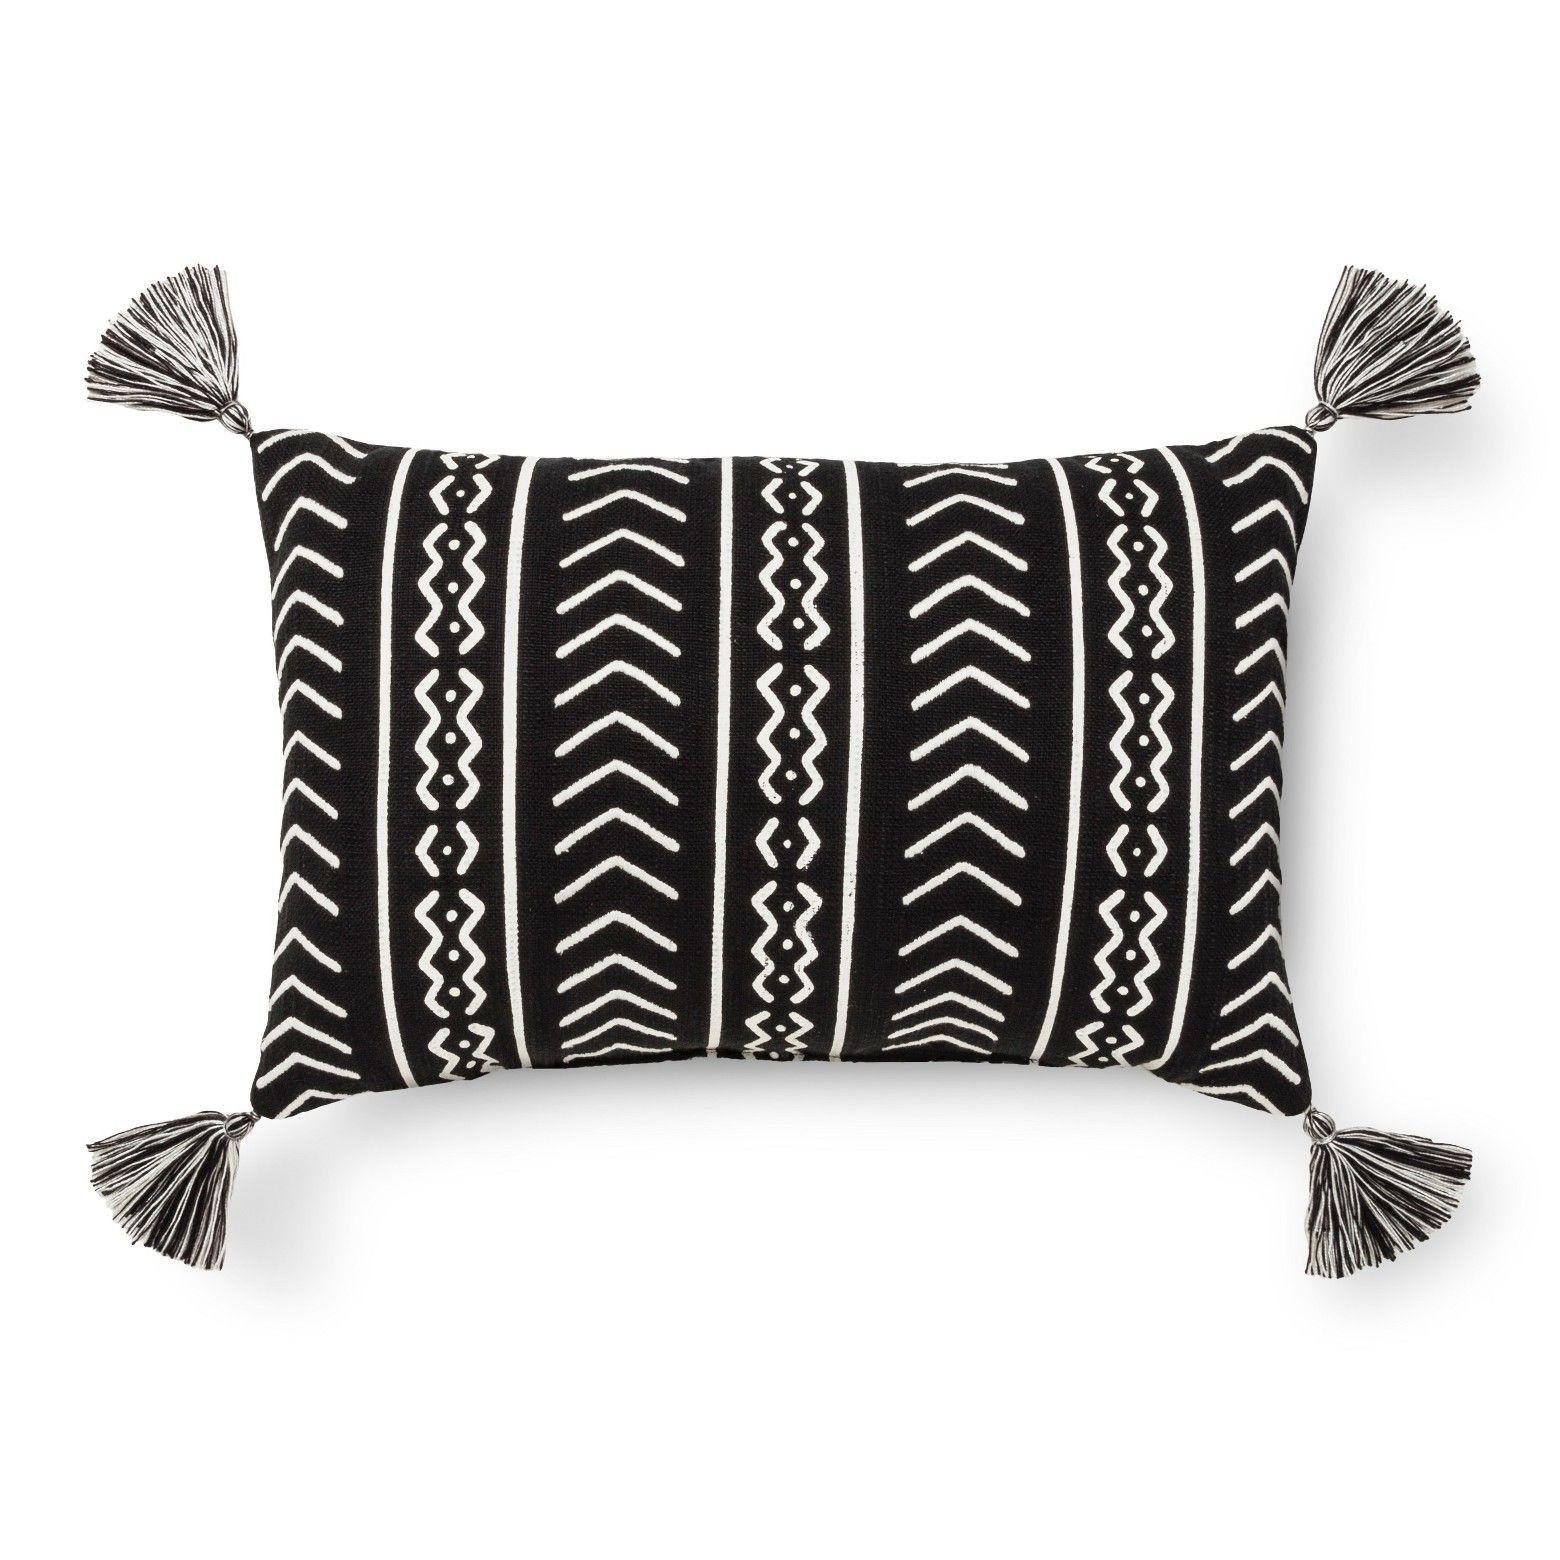 28 Attractive Black White Pillows Decorative Lumbar Throw Pillow Black Throw Pillows White Throw Pillows